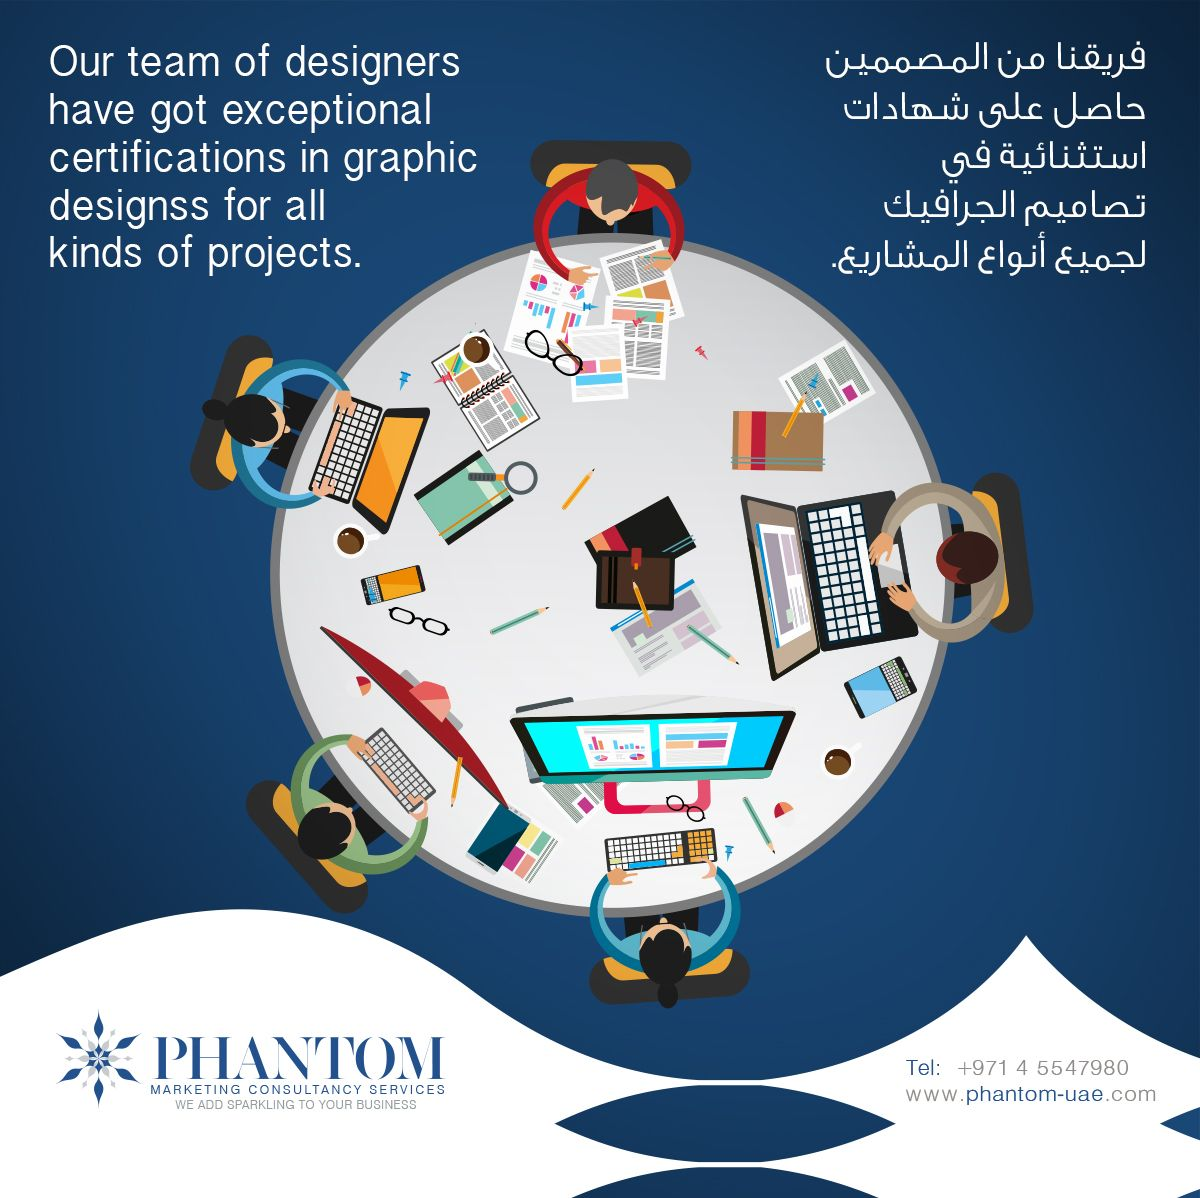 فريقنا من المصممين حاصل على شهادات استثنائية في تصاميم الجرافيك لجميع أنواع المشاريع راسلونا على Hello Phant Marketing Agency Digital Marketing Agency Design